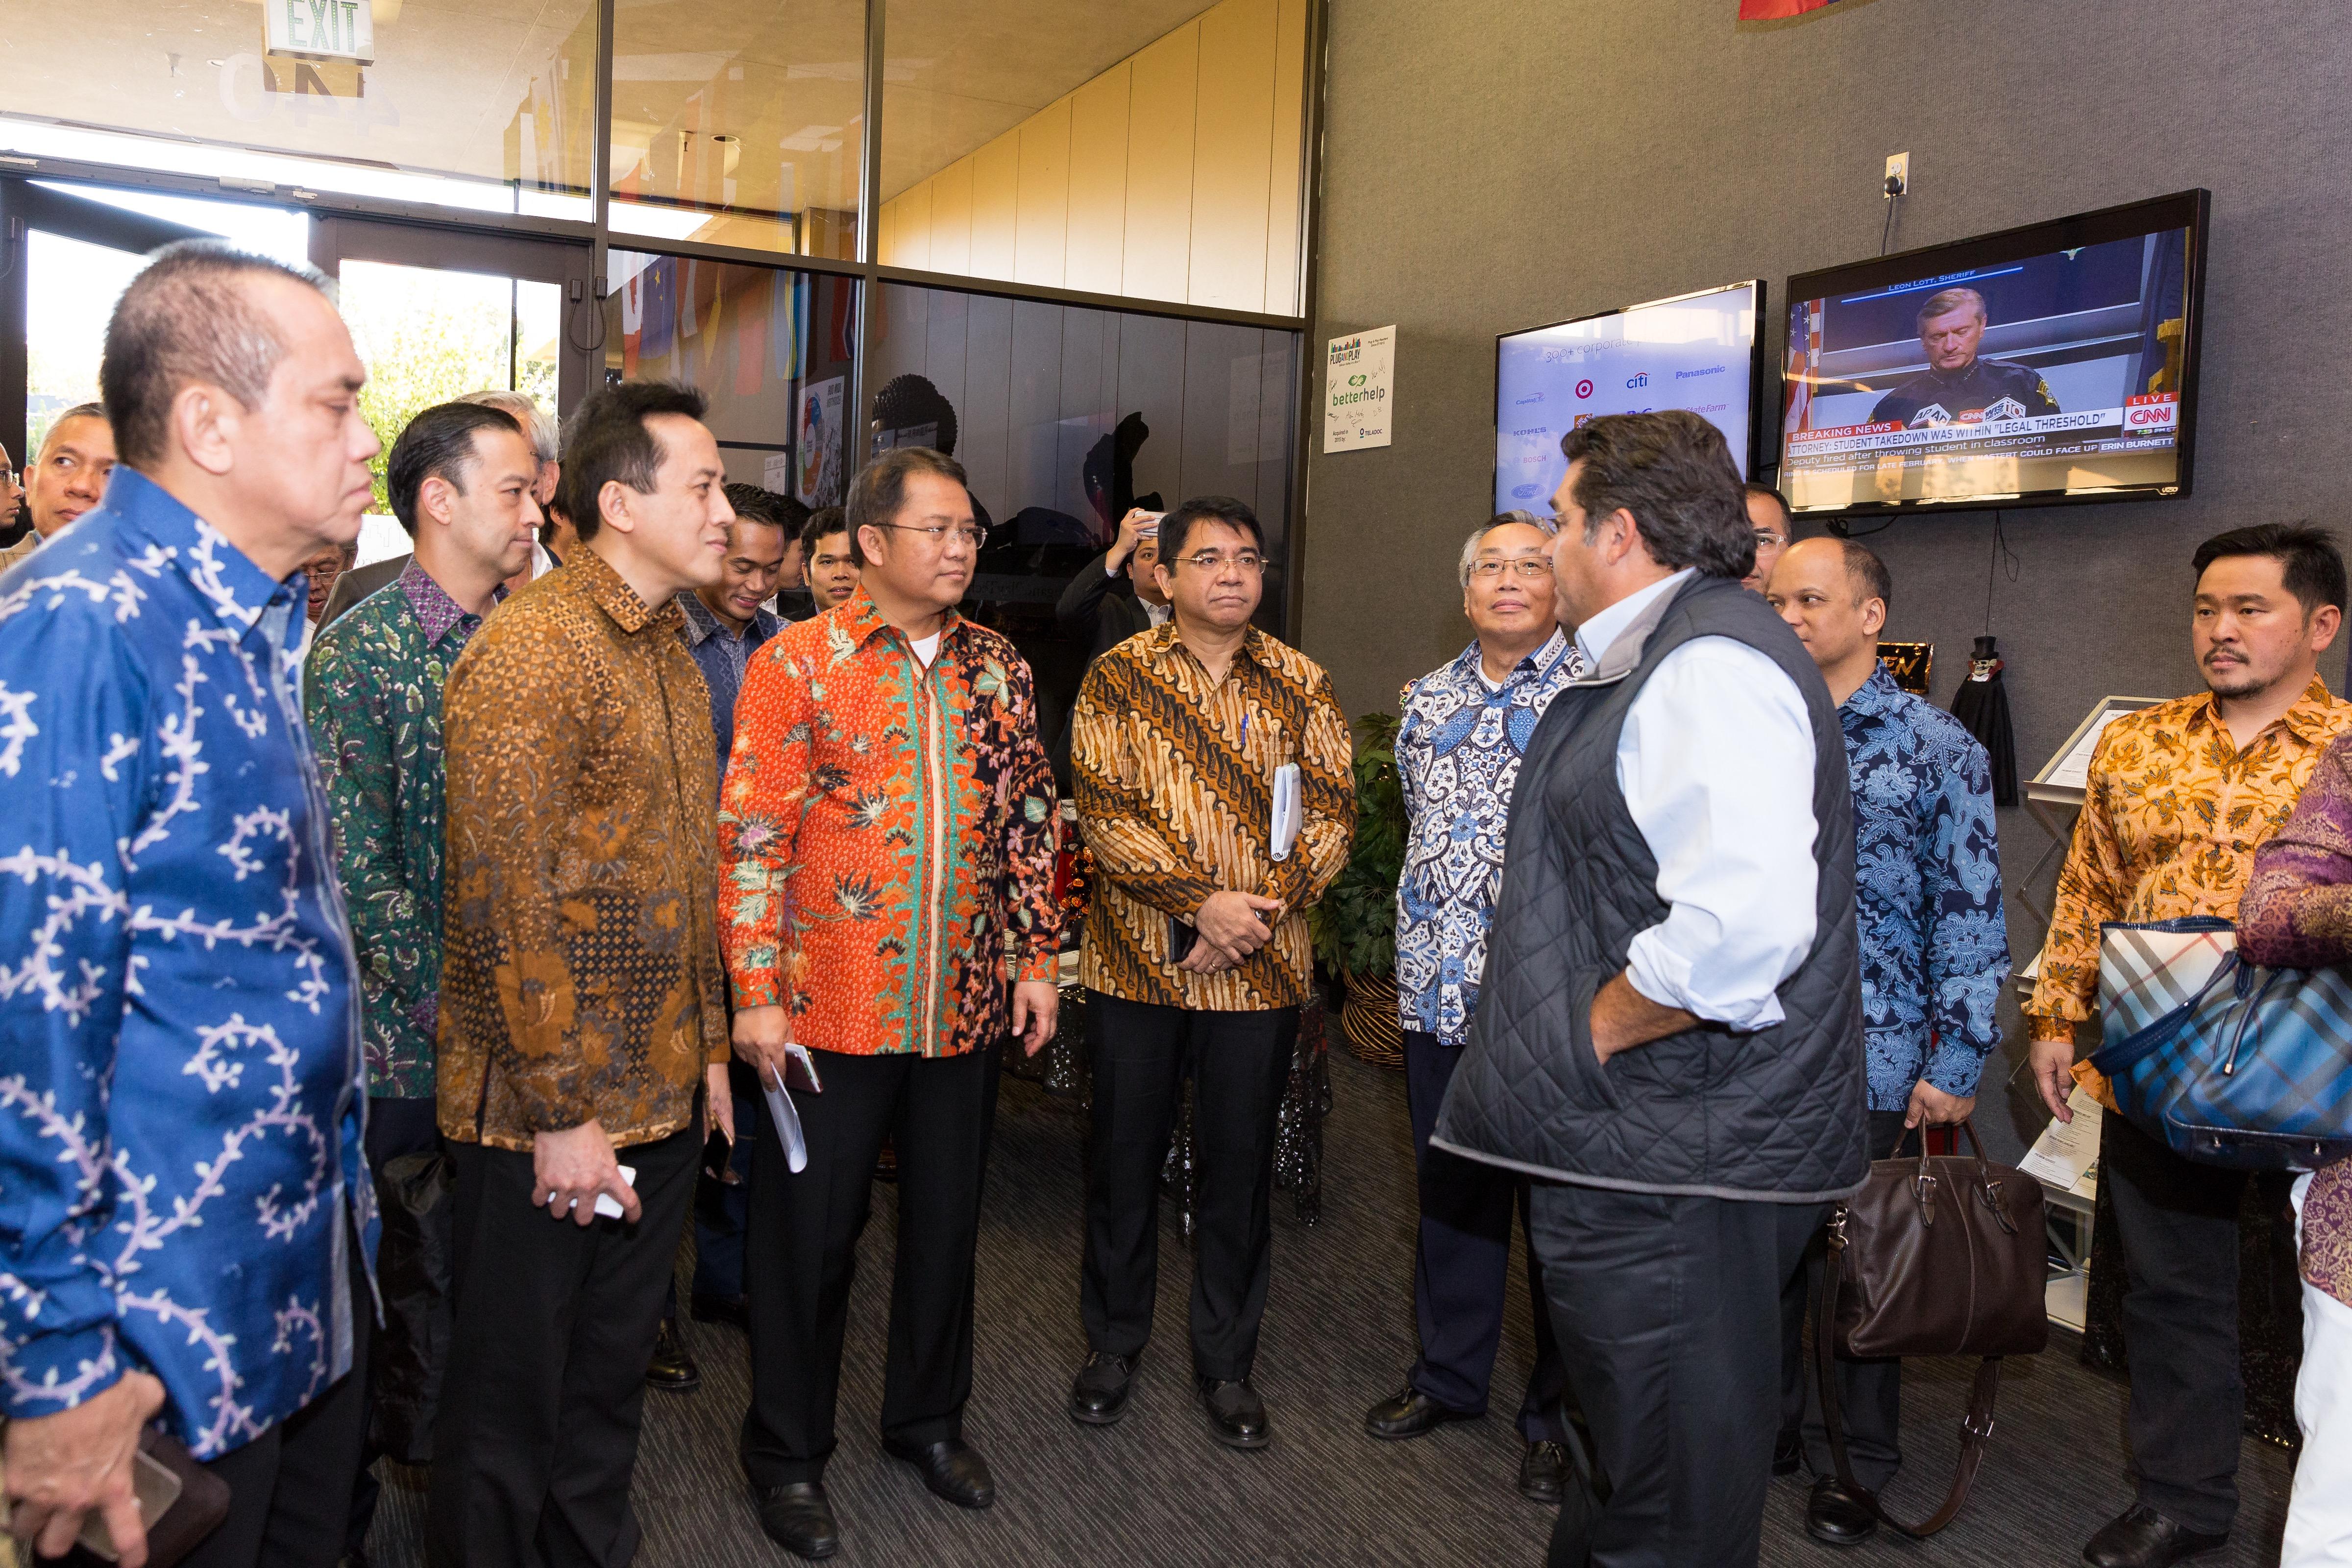 Indo delegation visit to SV - 107 of 115